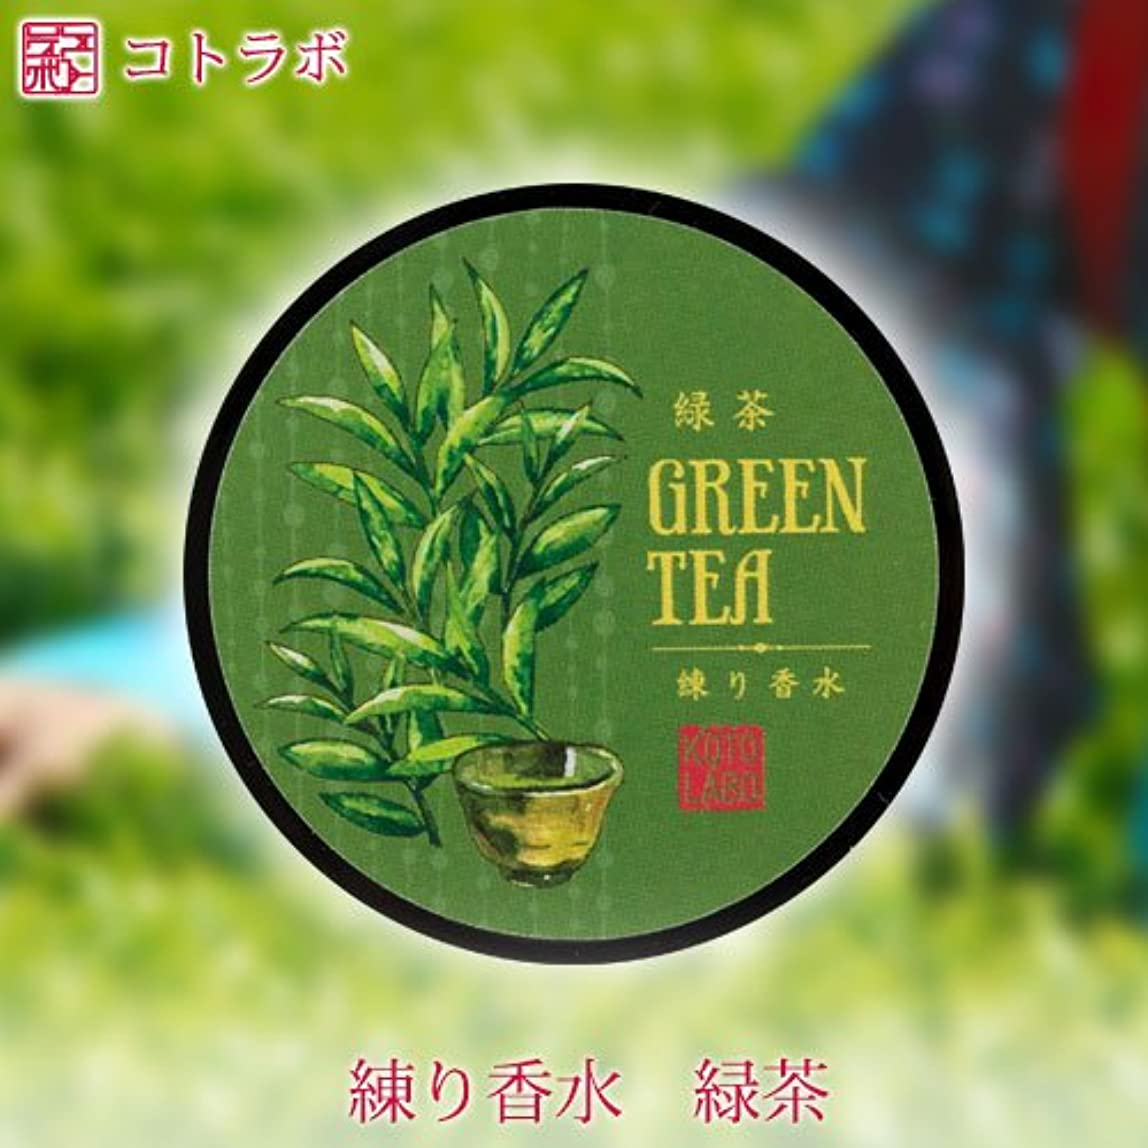 妖精絶妙全滅させるコトラボ練り香水京都謹製緑茶グリーンティーフローラルの香りソリッドパフュームKotolabo solid perfume, Green tea